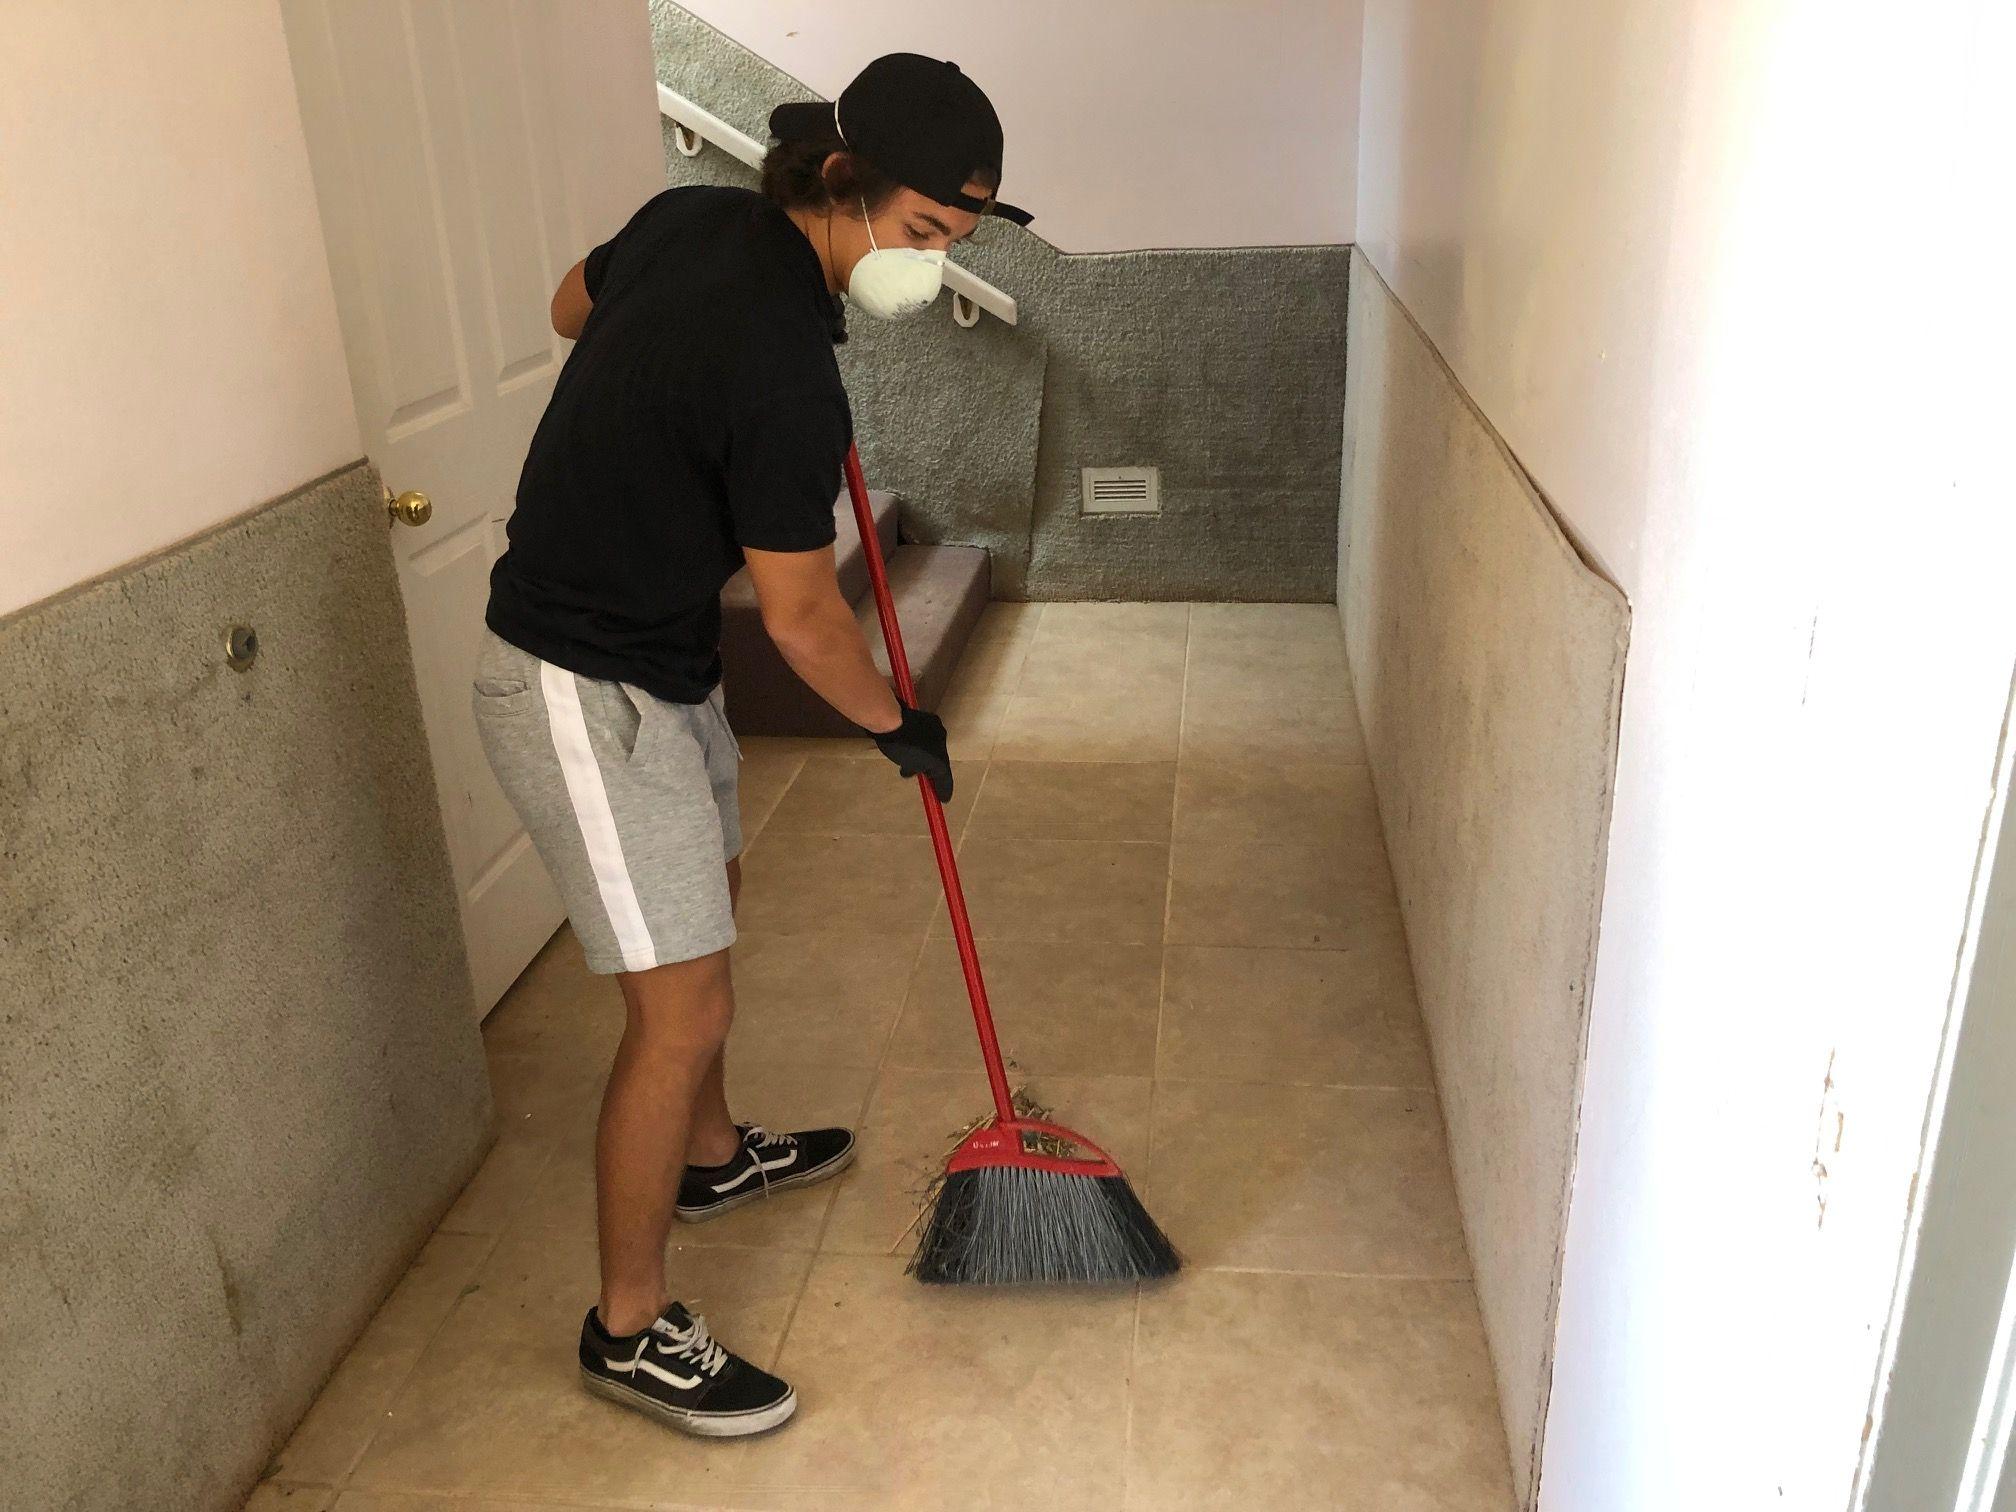 DSU students clean in Colorado City, AZ